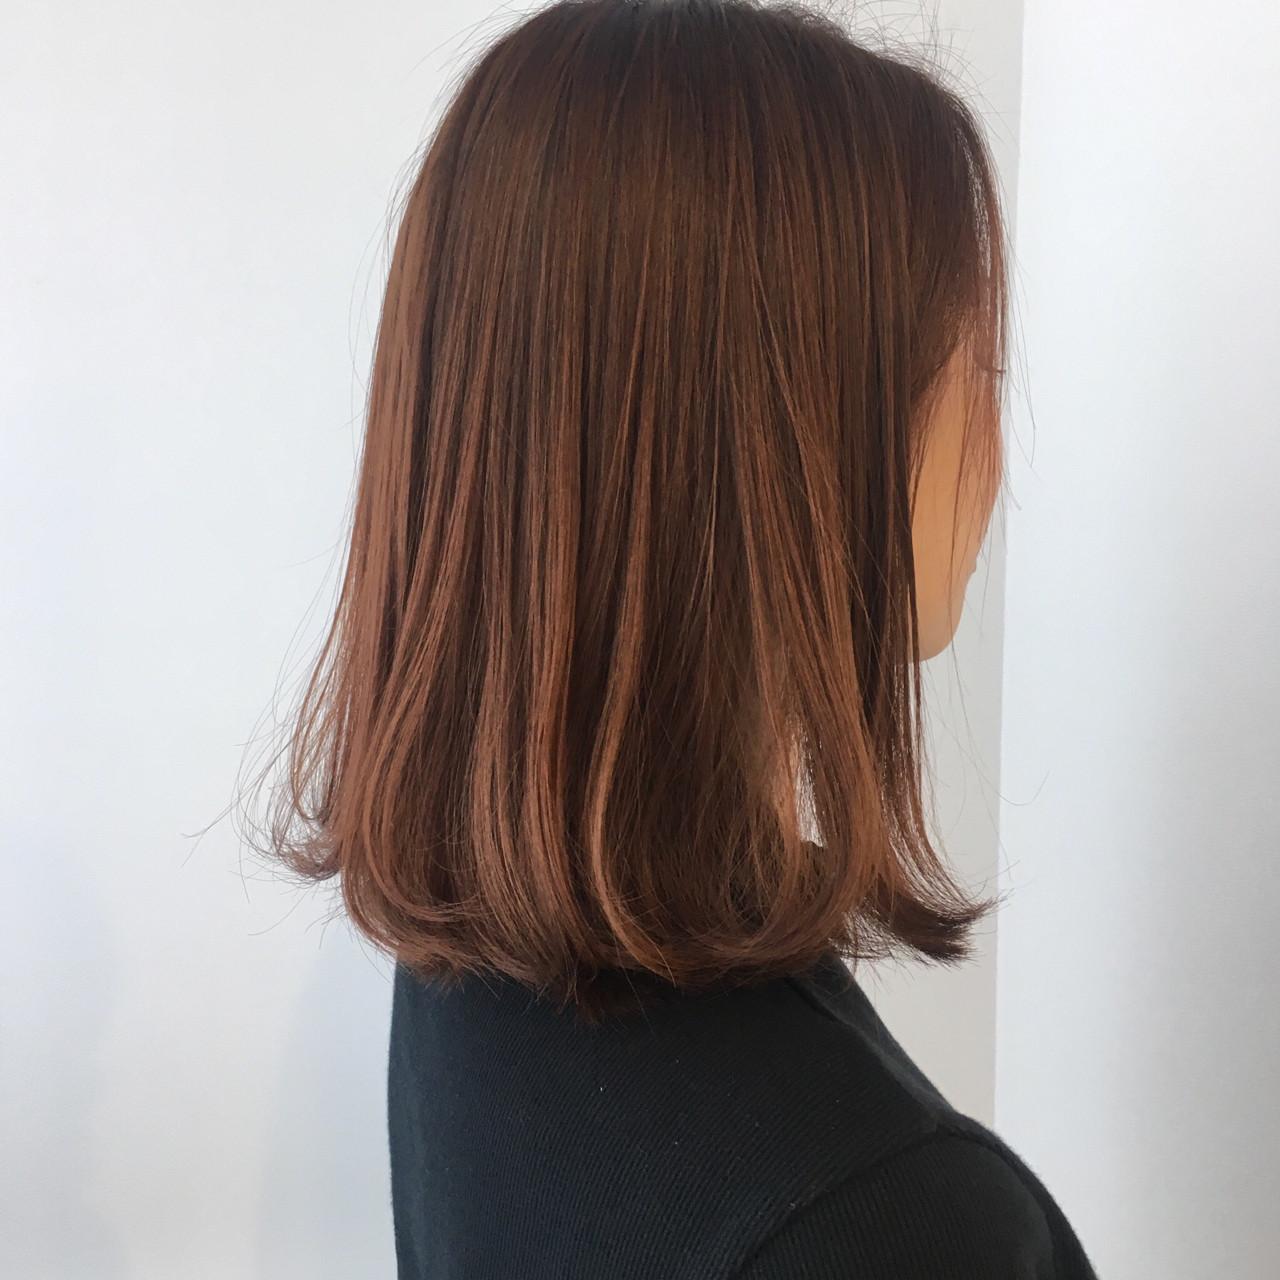 ミディアム アプリコットオレンジ オレンジベージュ オレンジブラウン ヘアスタイルや髪型の写真・画像